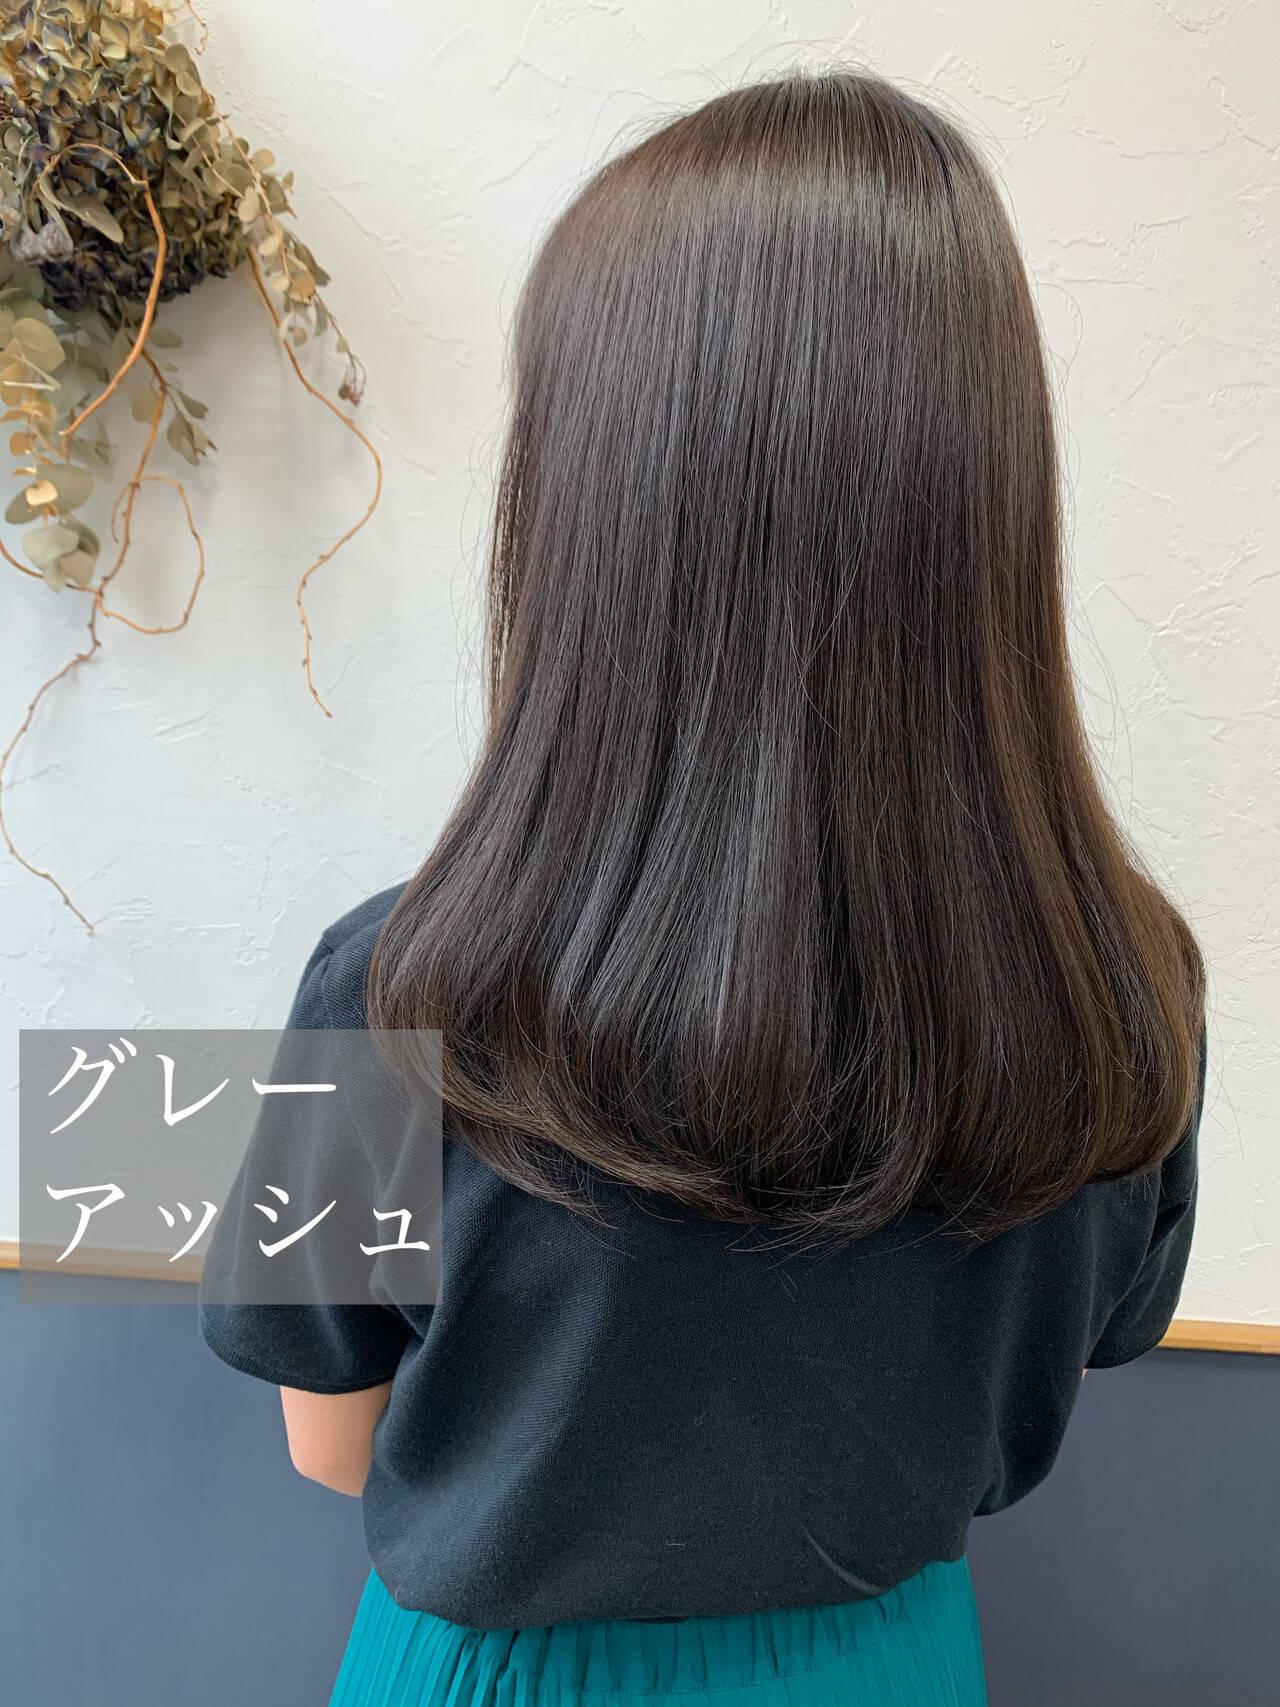 アッシュグレージュ ナチュラル ロング グレーアッシュヘアスタイルや髪型の写真・画像